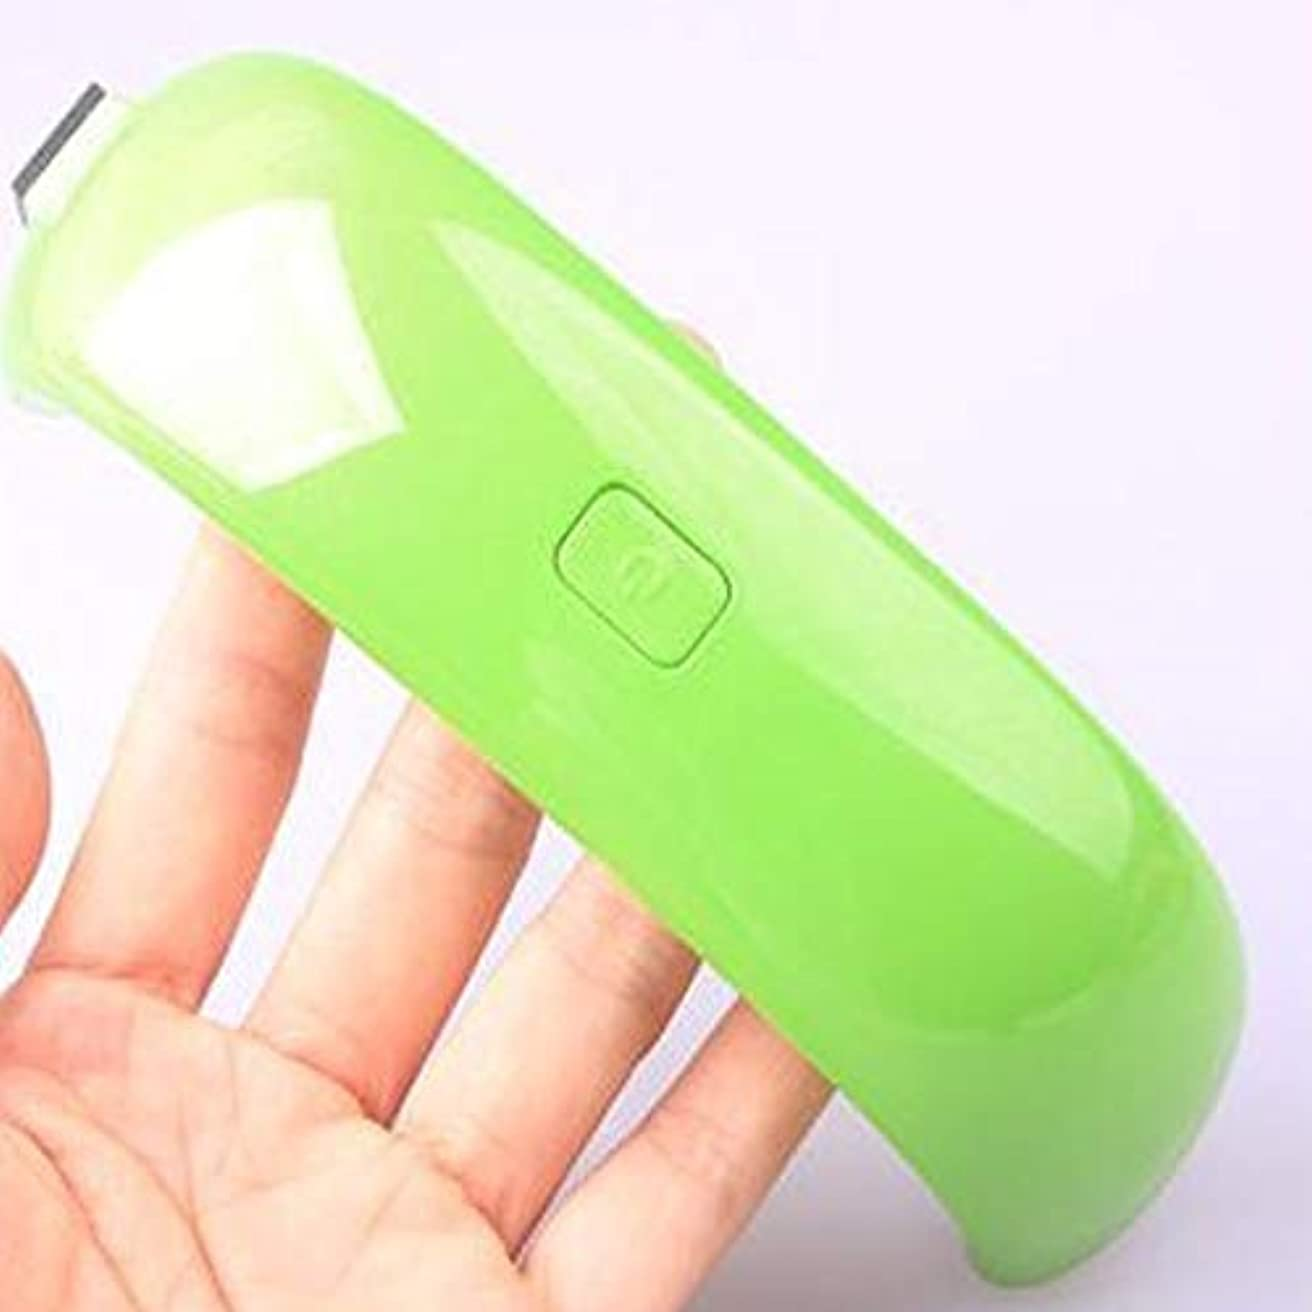 静かに採用するに向かってSnner ネイルドライヤー UVライト 硬化ライト LED UVとLEDダブルライト タイマー設定可能 ジェルネイル用 USB式 手足とも使える 赤外線人感センサー (グリーン)